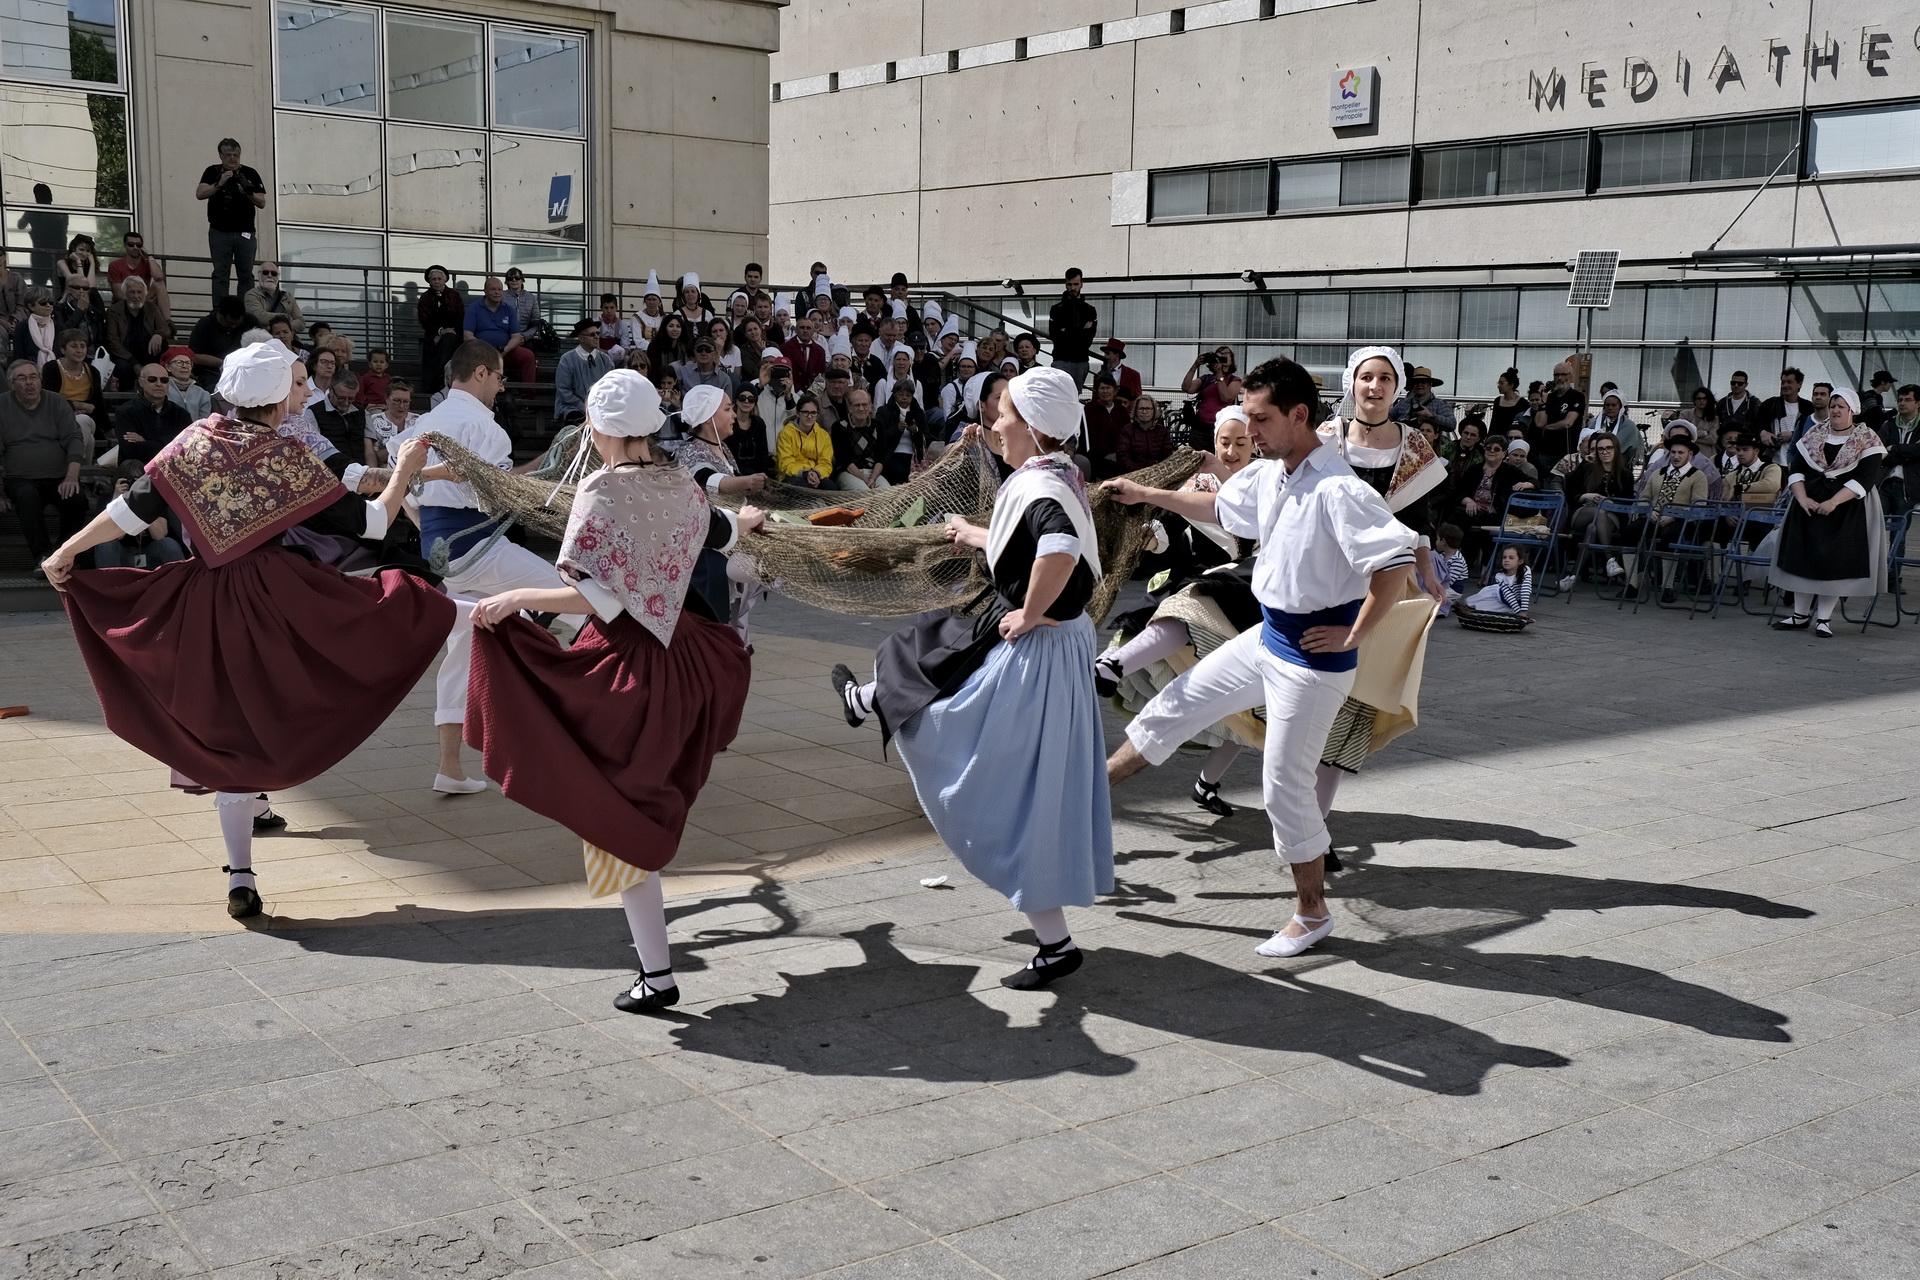 La Garriga spectacle